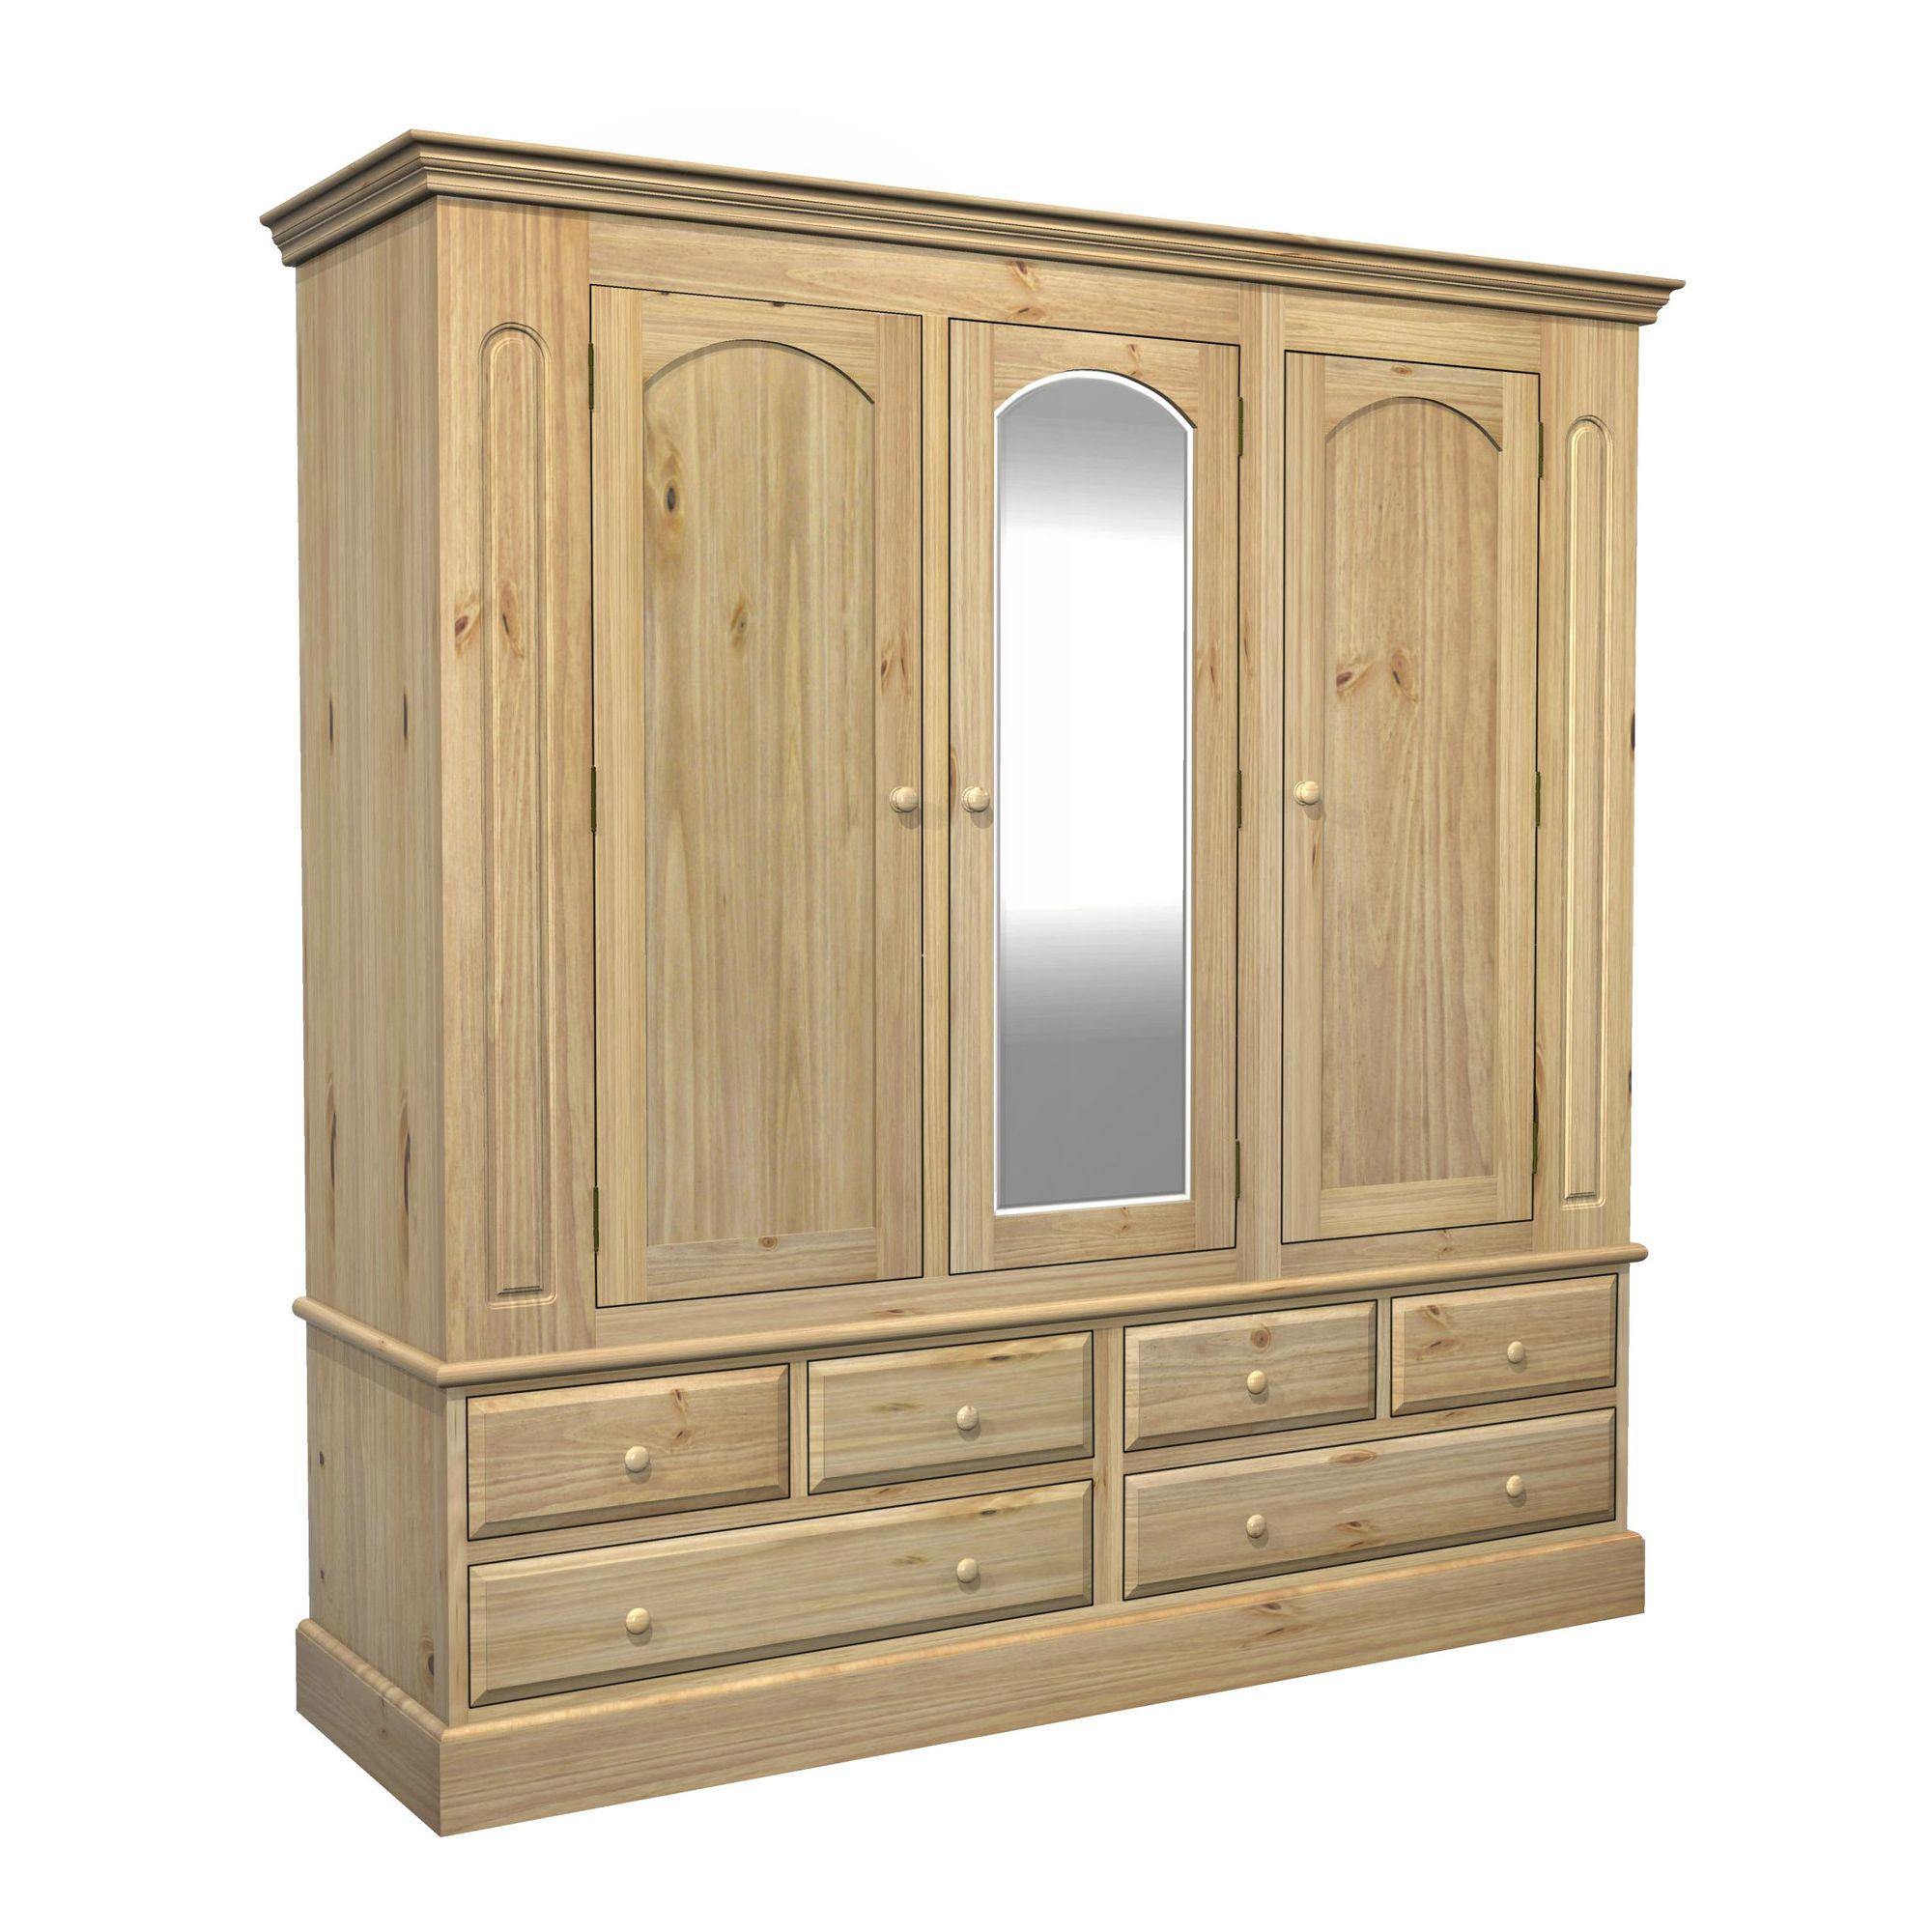 Kelburn Furniture Woodland Pine Triple Wardrobe at Tesco Direct